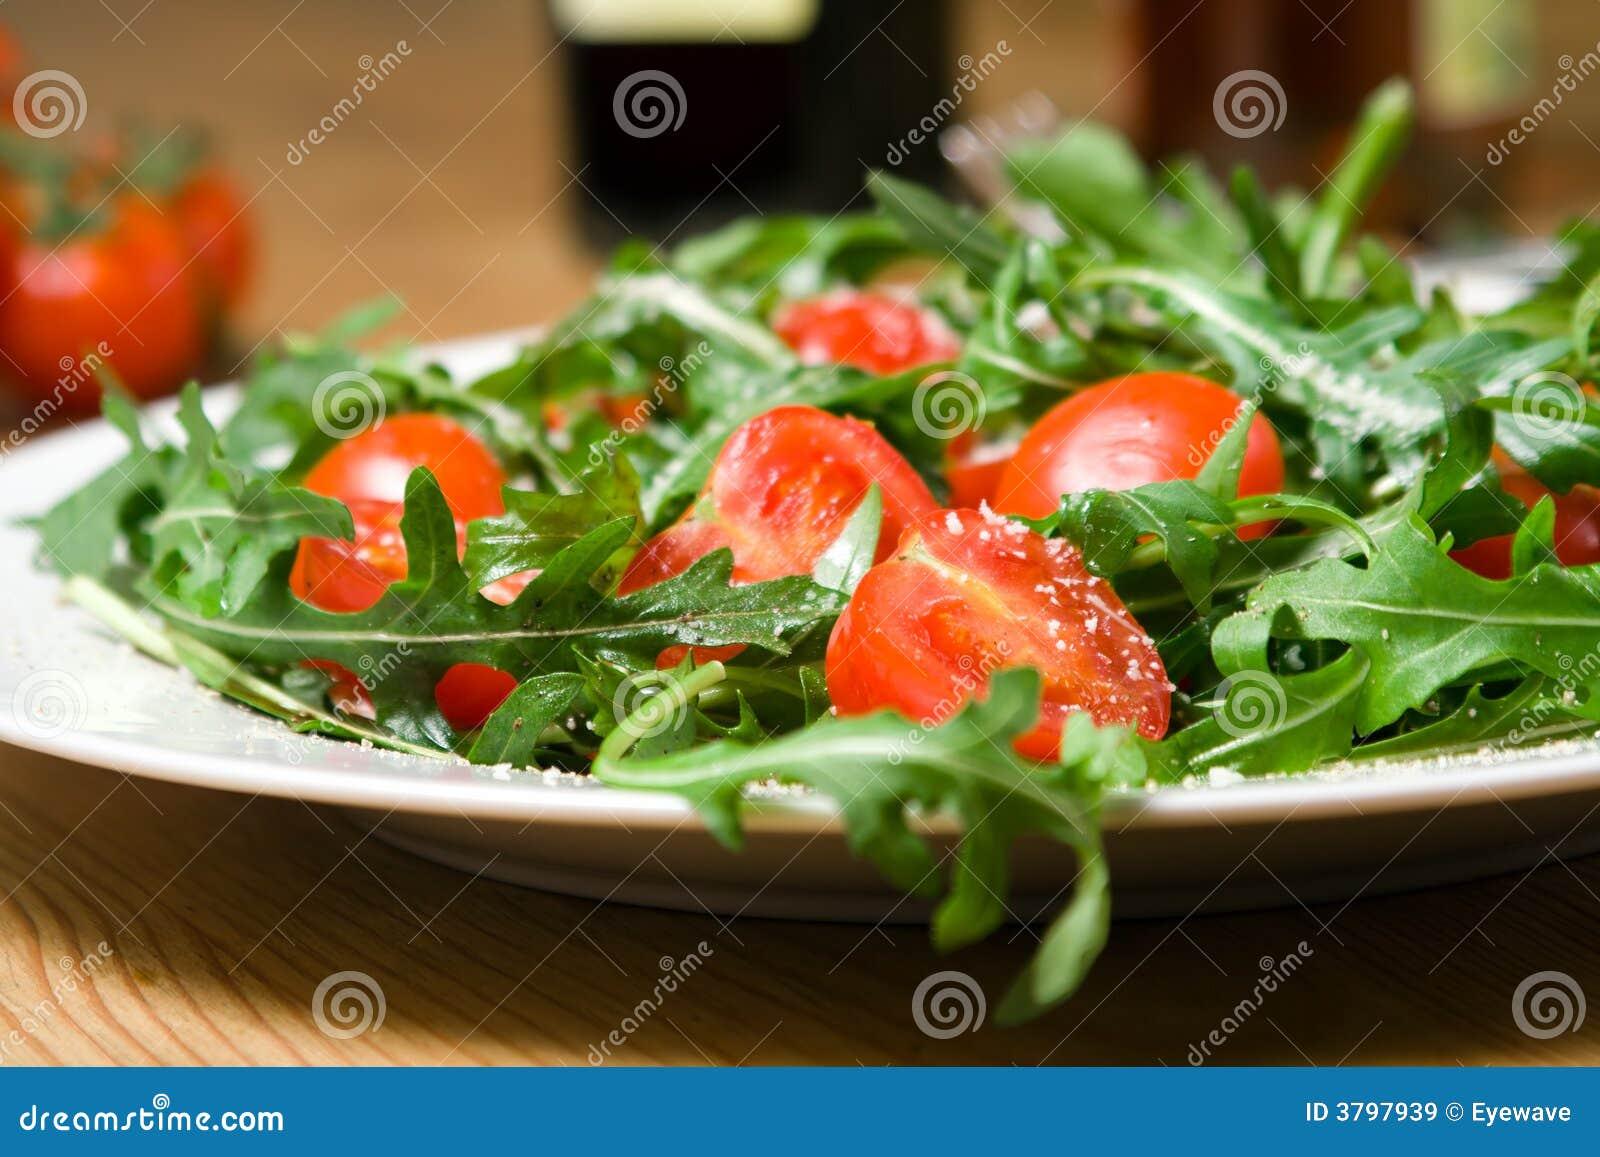 Italiaanse salade met rucola en tomaten